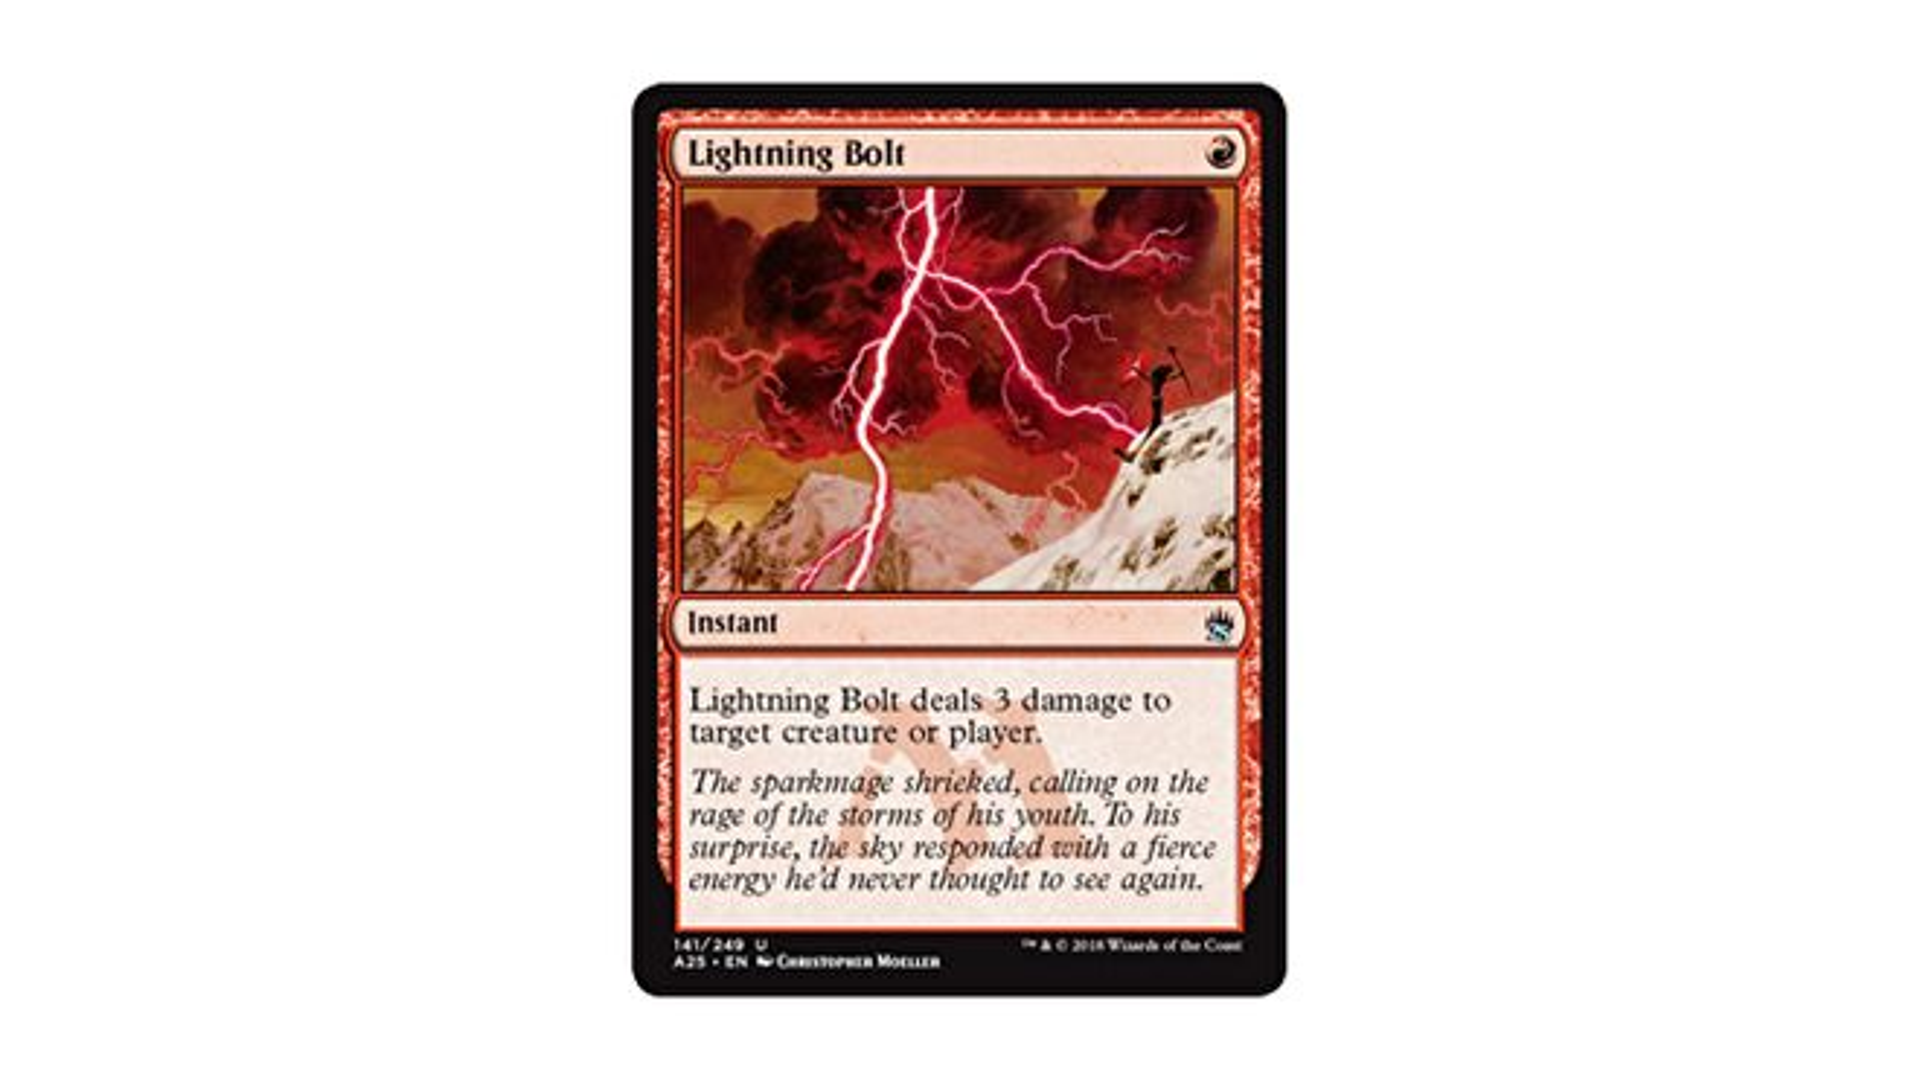 mtg-card-lightning-bolt.png